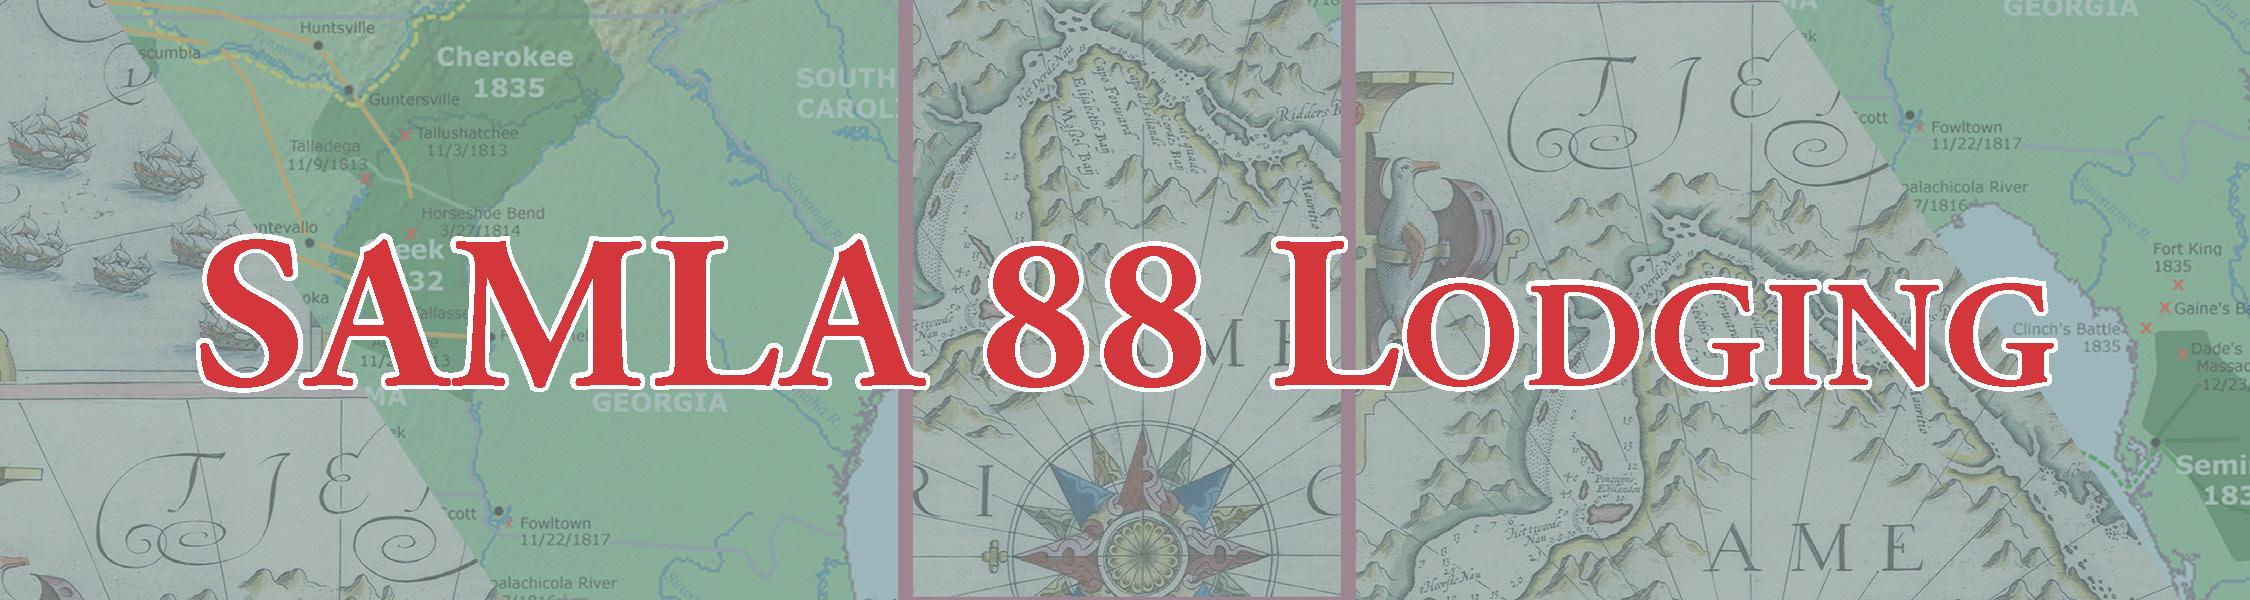 SAMLA 88 lodging banner